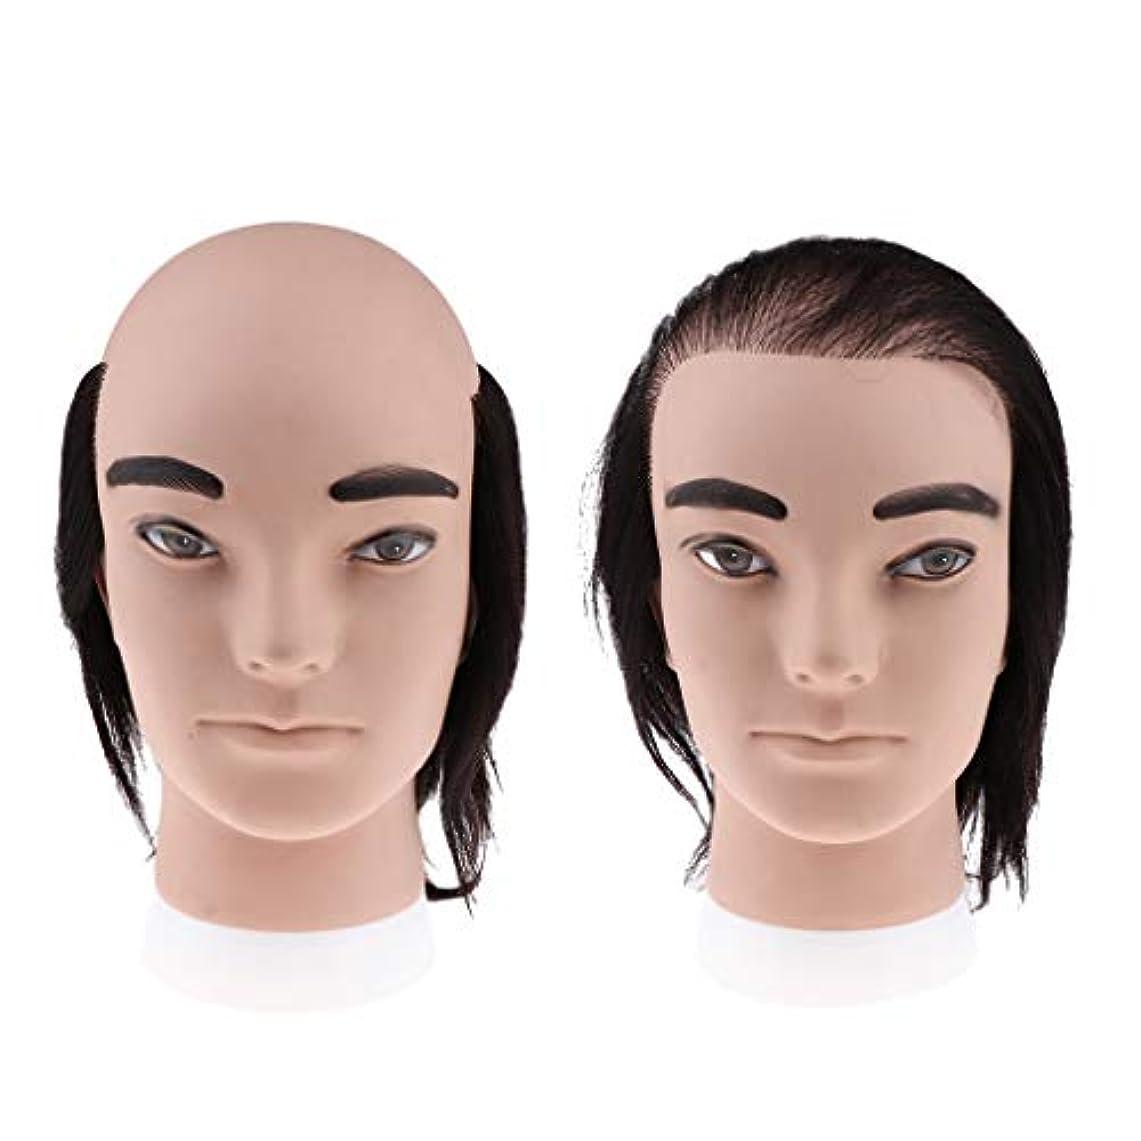 胚芽教師の日ラメT TOOYFUL 2本 男性 マネキンヘッド 美容マネキン 理髪トレーニング 織りヘッド 柔らかい 人毛 再利用可能